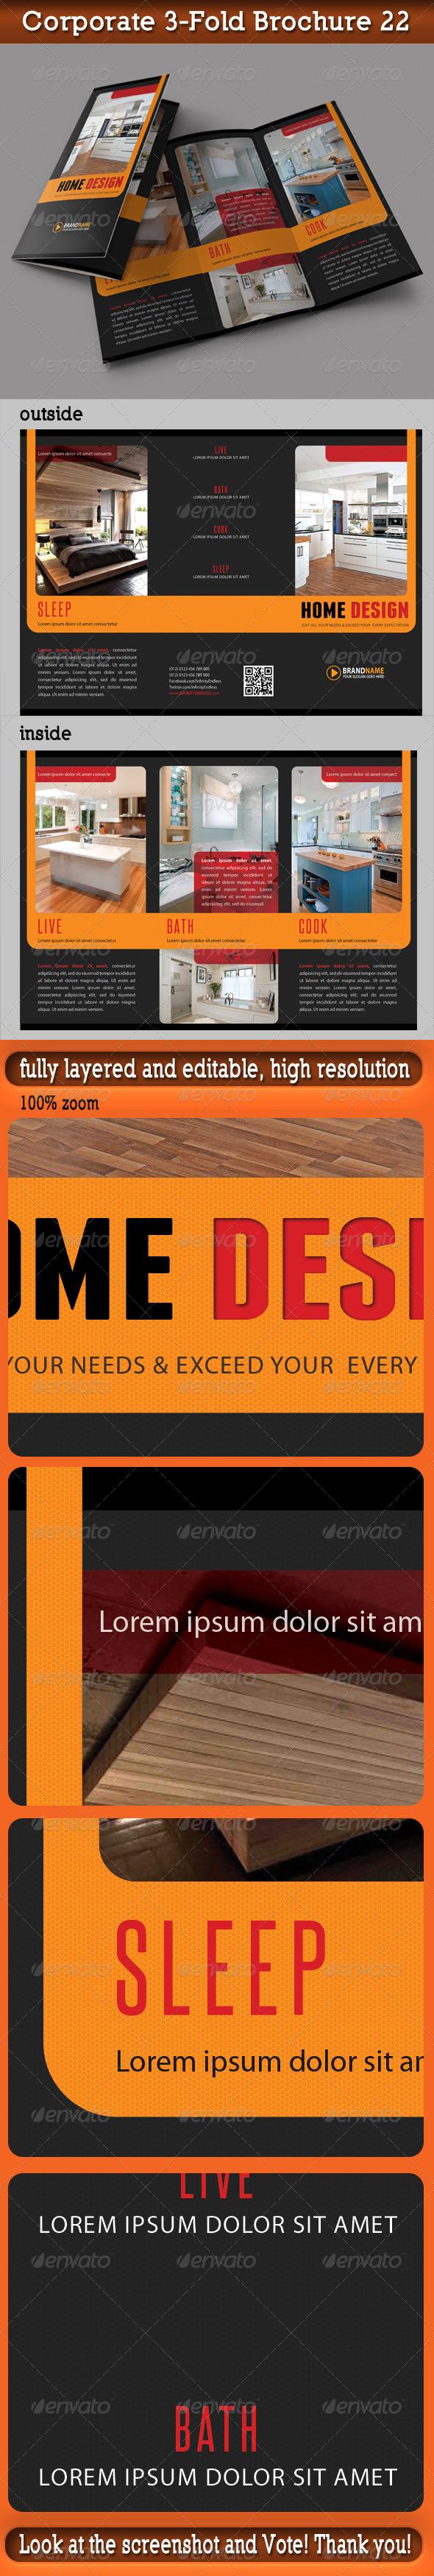 GraphicRiver Corporate 3-Fold Brochure 22 6388367